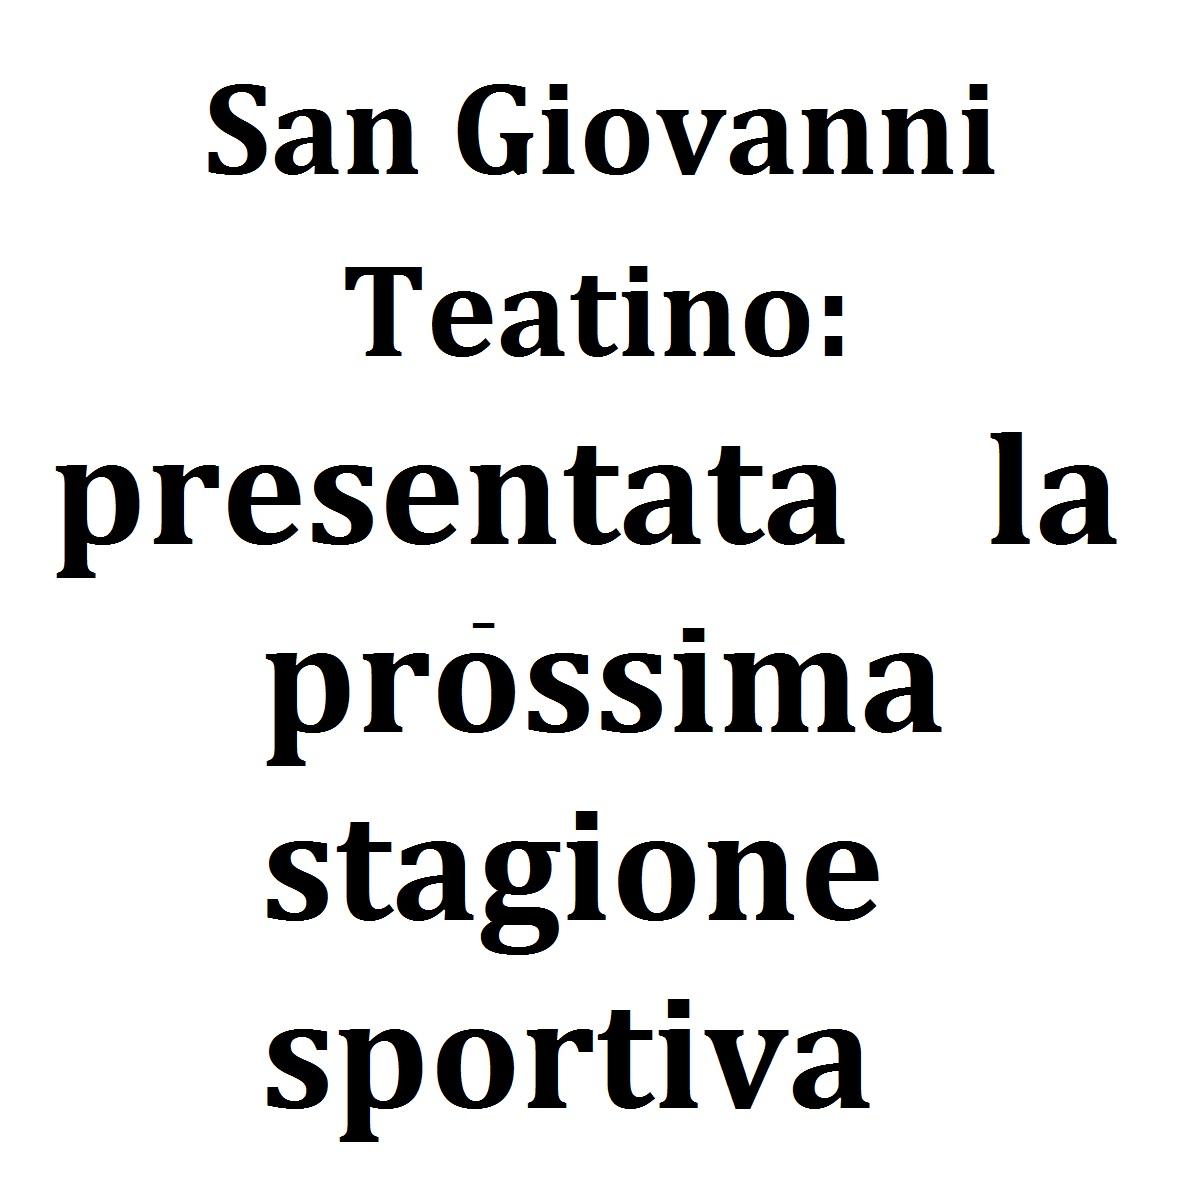 San Giovanni Teatino presentata la stagione sportiva foto